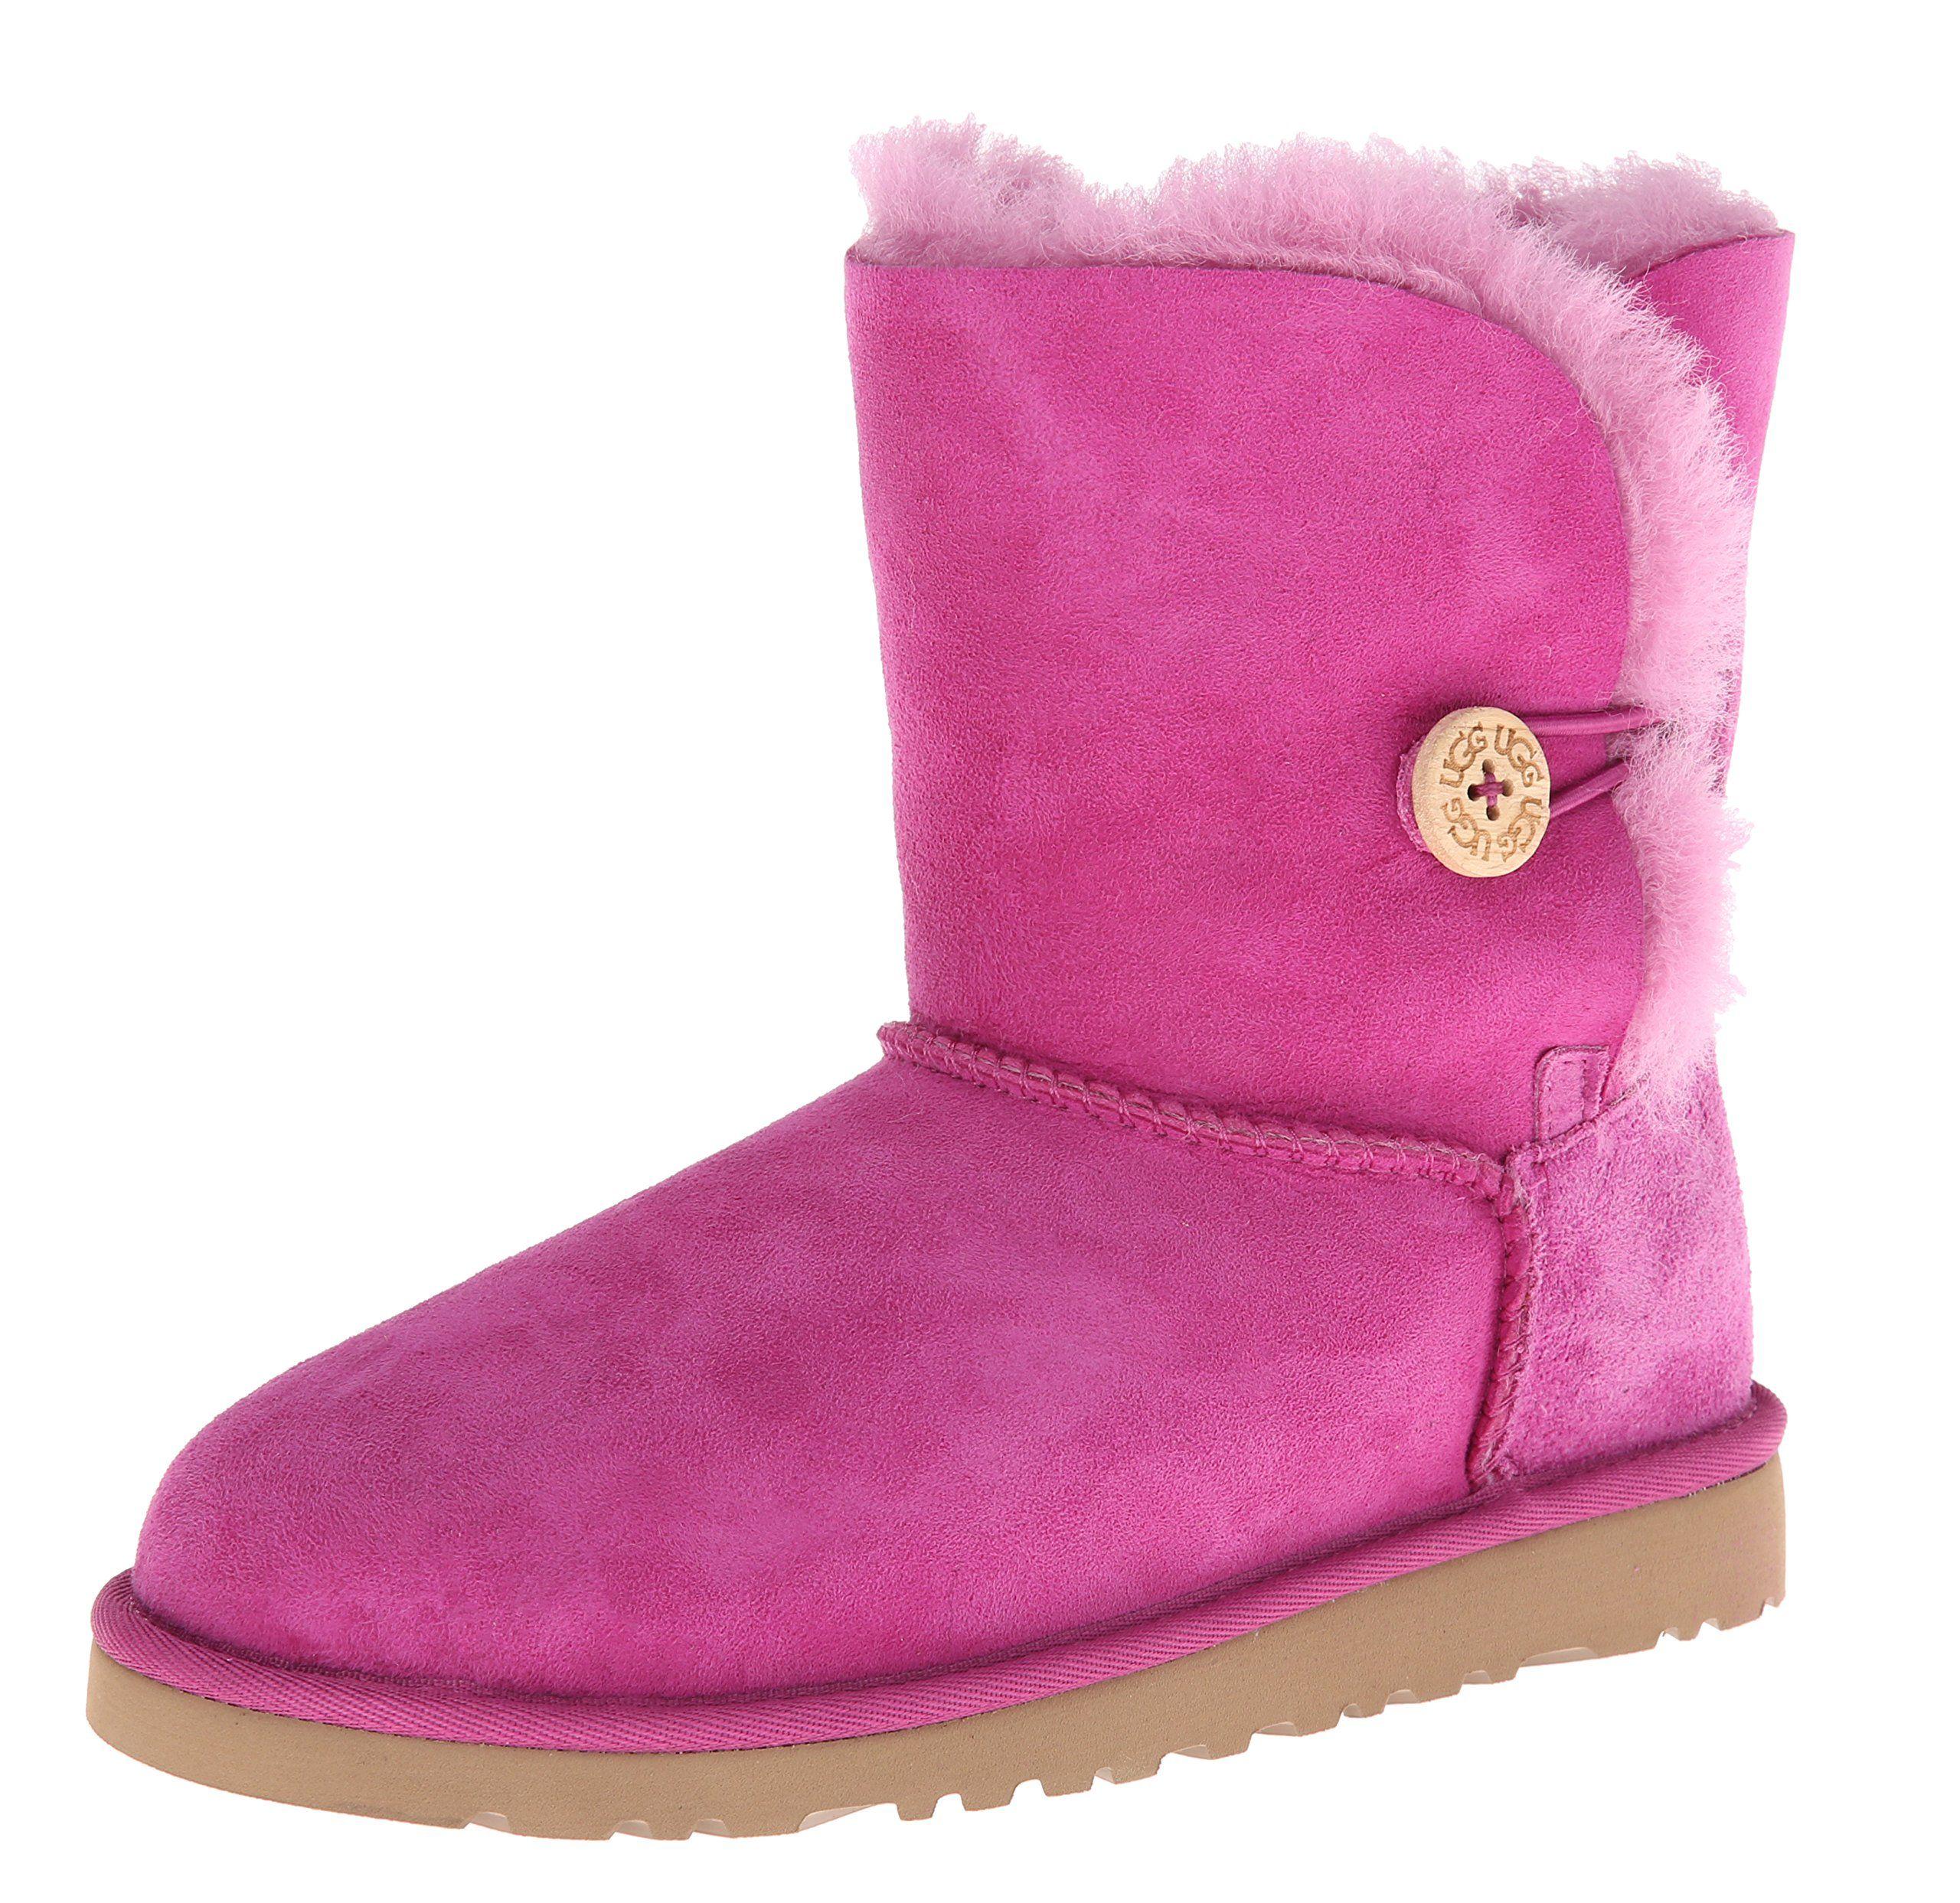 94f4b628410 UGG Kids' Bailey Button Boot Toddler/Preschool (Victorian Pink 10.0 ...